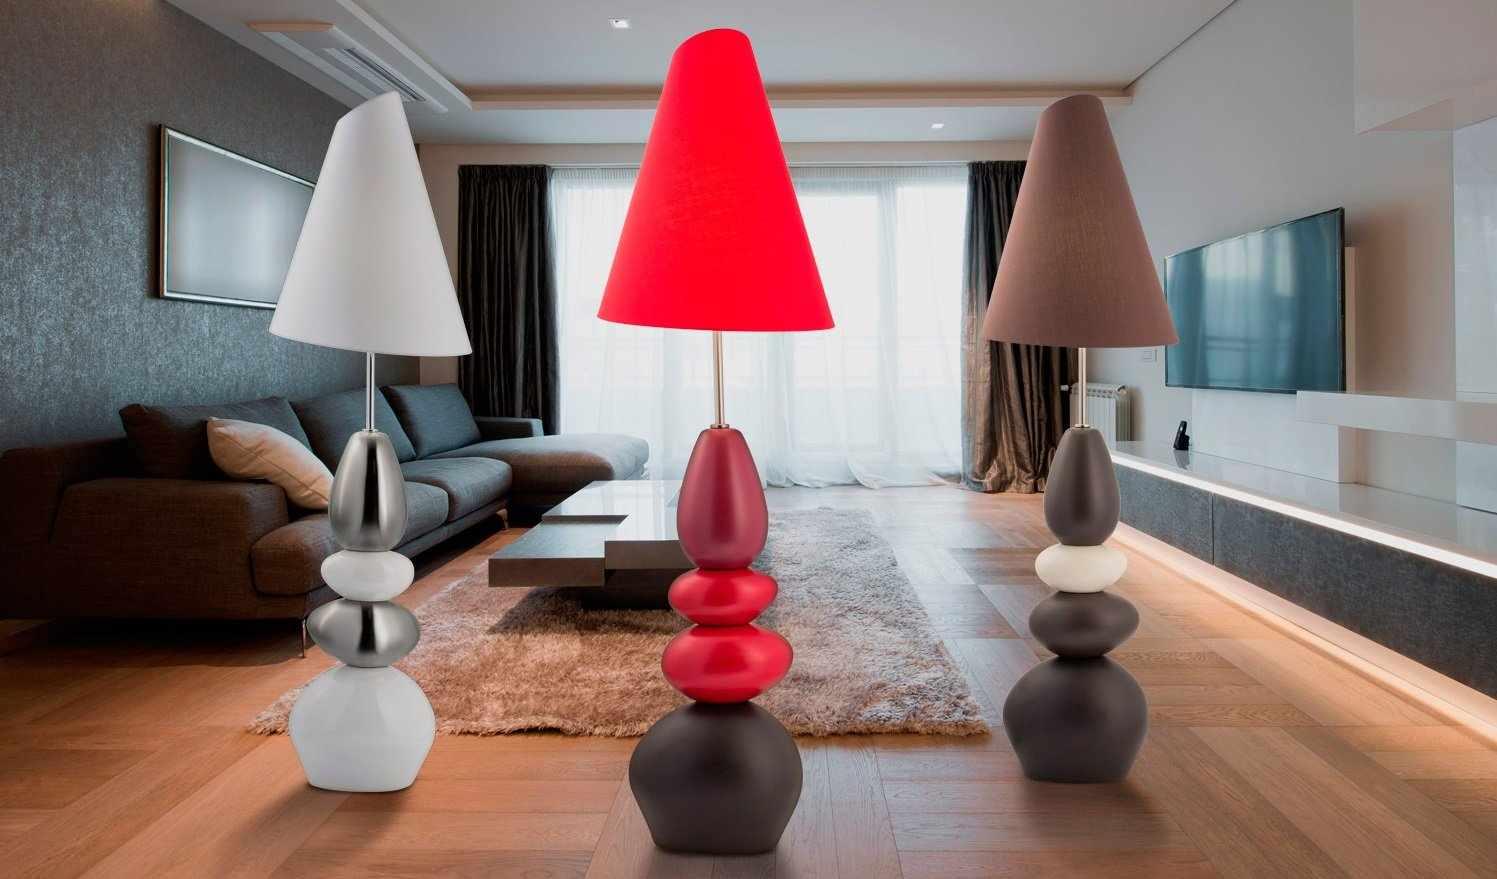 Светильники с цветными торшерами в интерьере